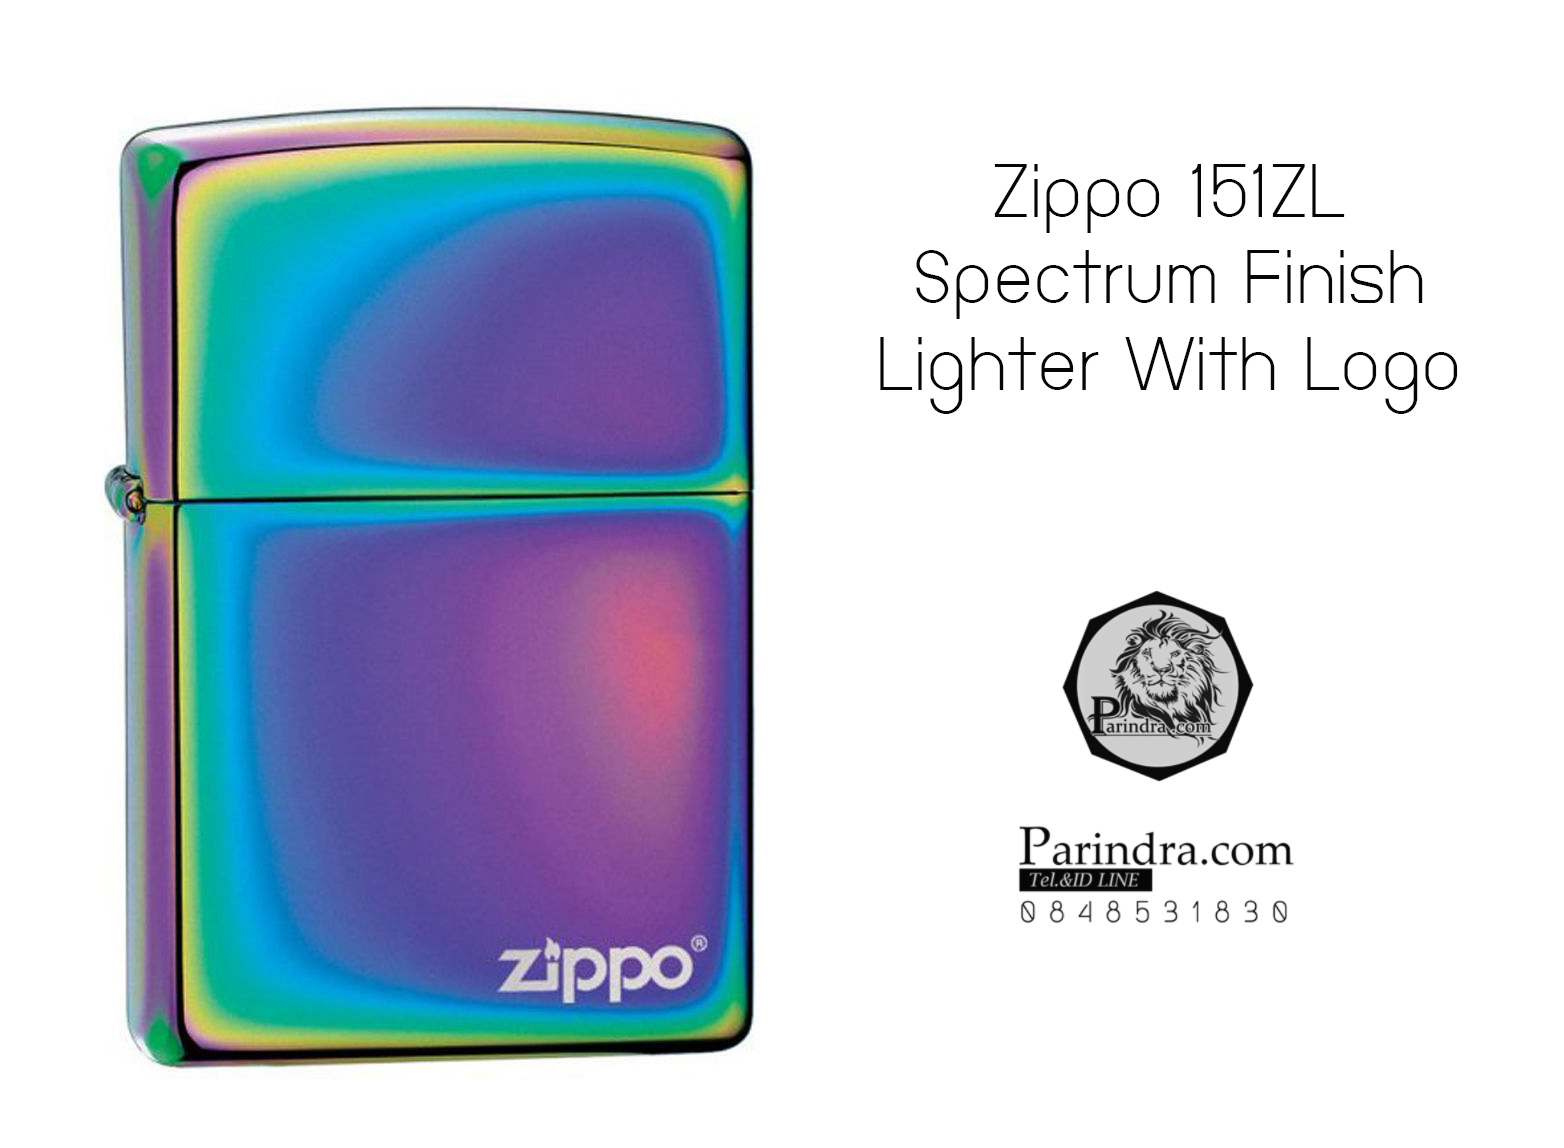 """ไฟแช็ค Zippo แท้ สีเหลือบรุ้งสเปกตรัม """" Zippo 151ZL Spectrum Finish Lighter With Logo """" แท้นำเข้า 100%"""